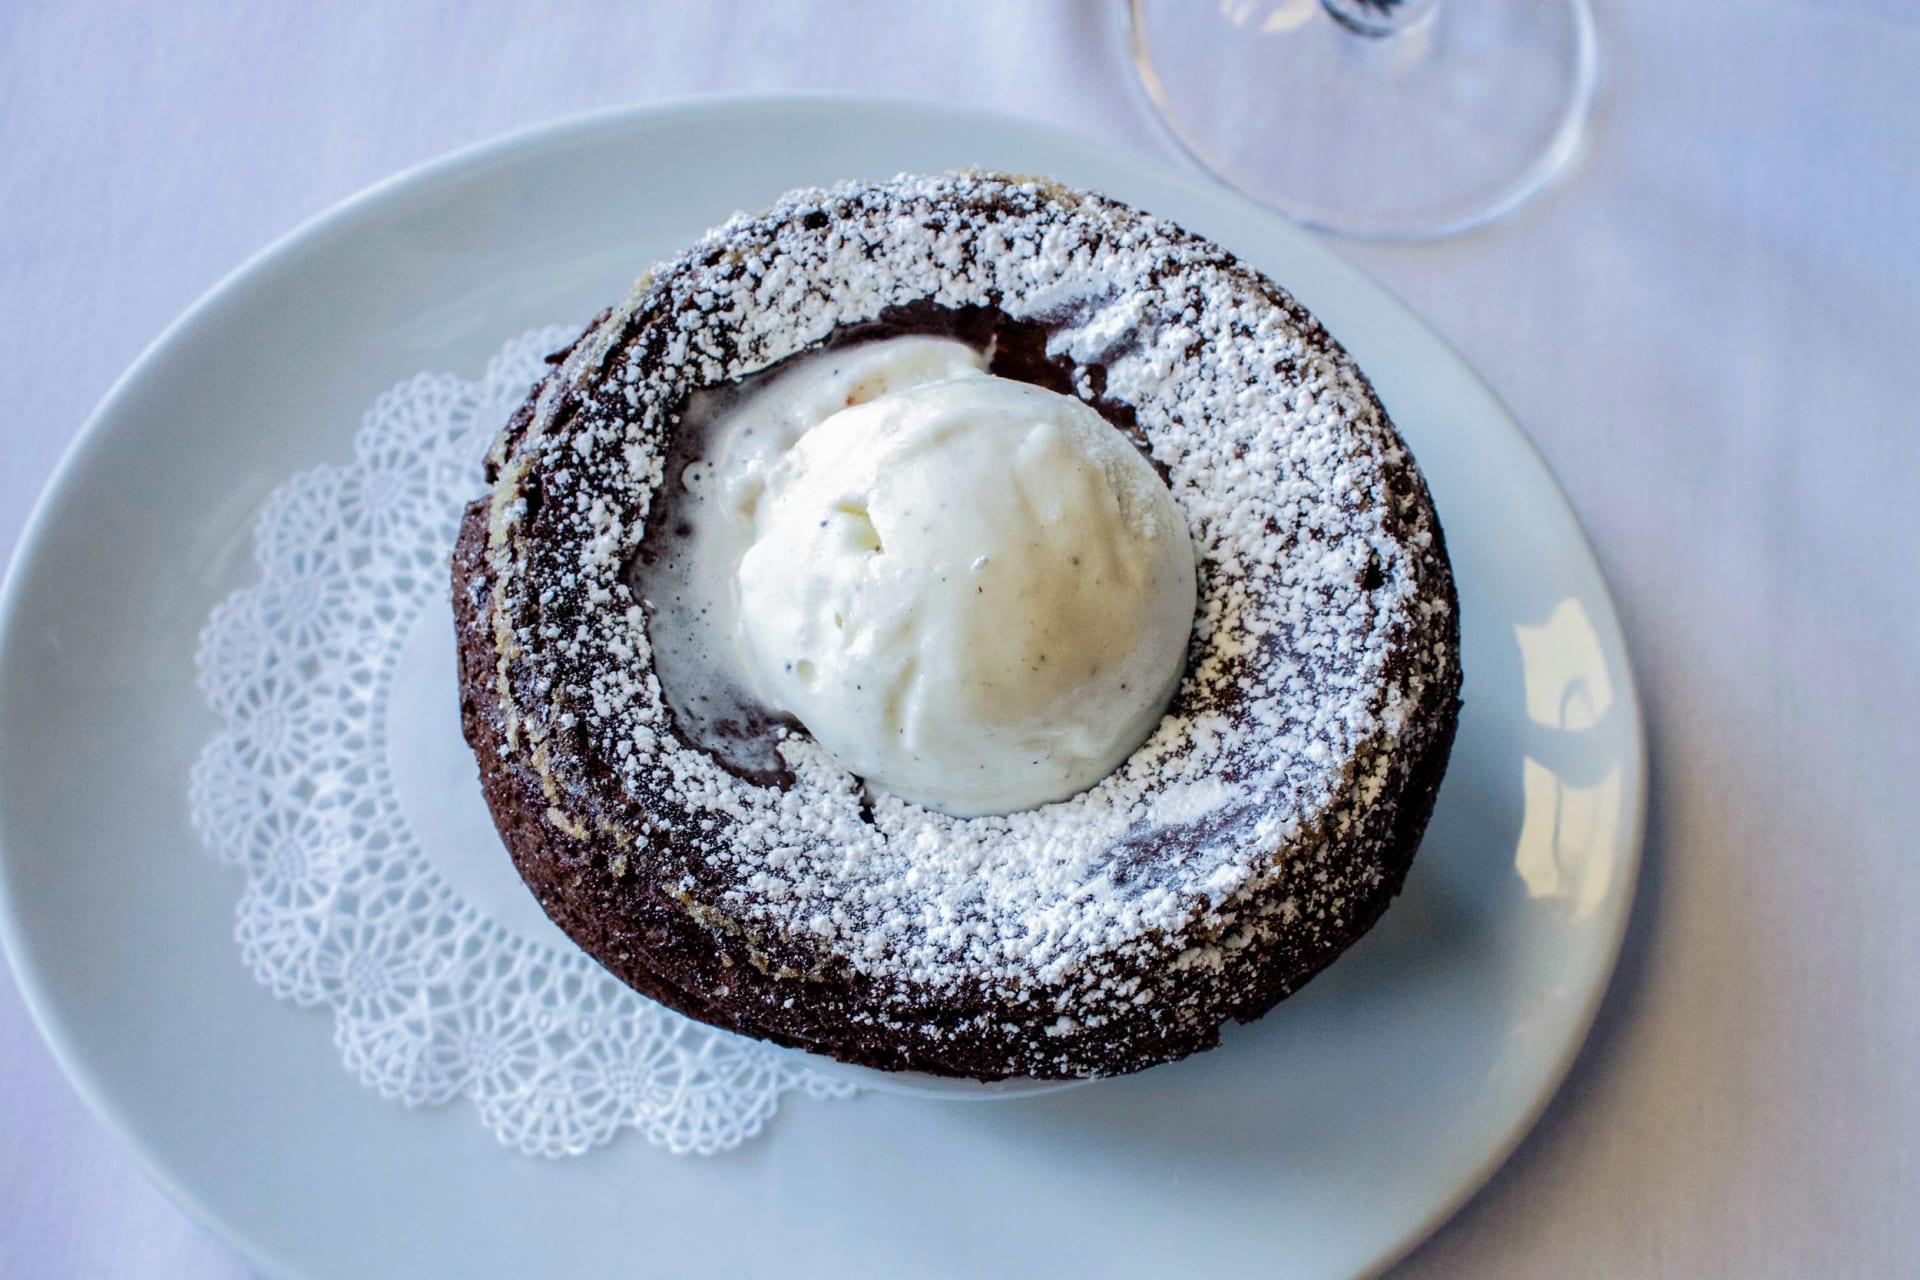 Scharffen Berger Chocolate Souffle Cake